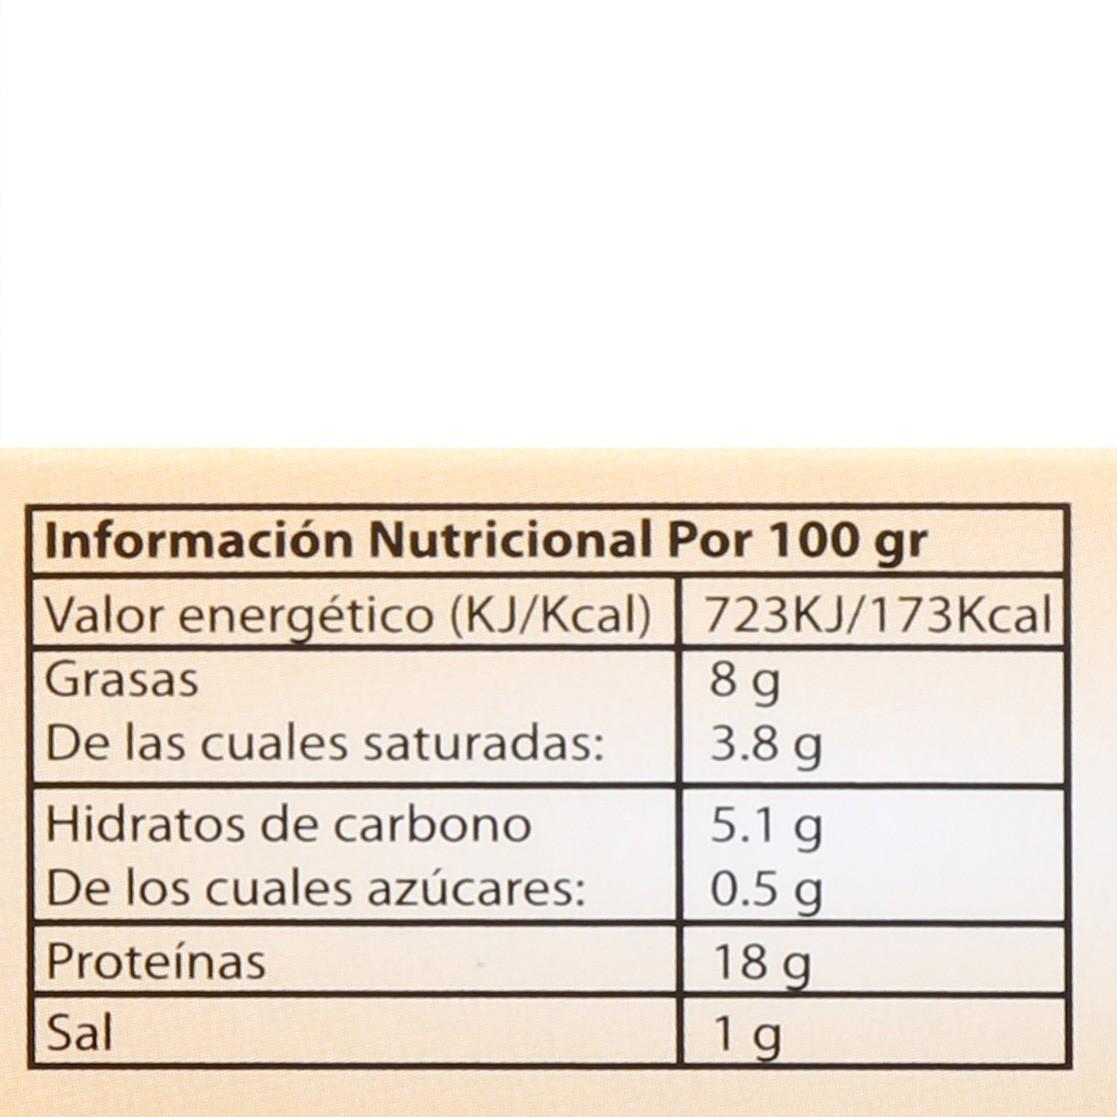 Preparado de Carne Picada de Vacuno Ecológica El Encinar de Humienta 400 g  - 4